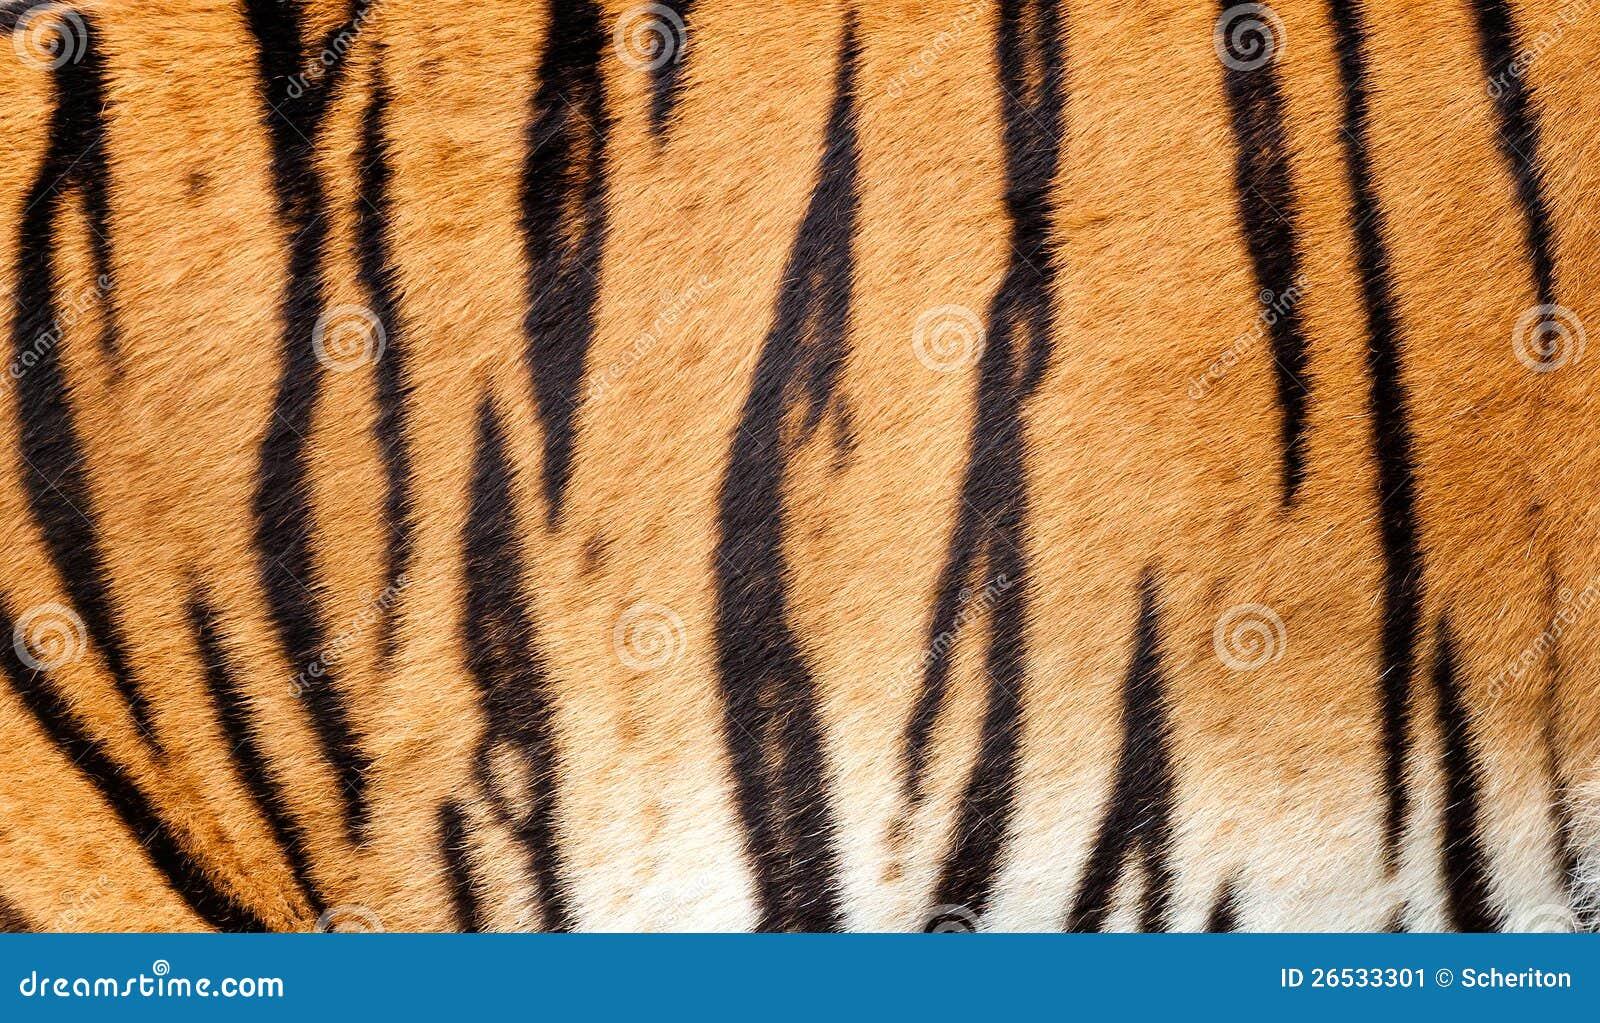 实际老虎毛皮纹理条纹图形背景